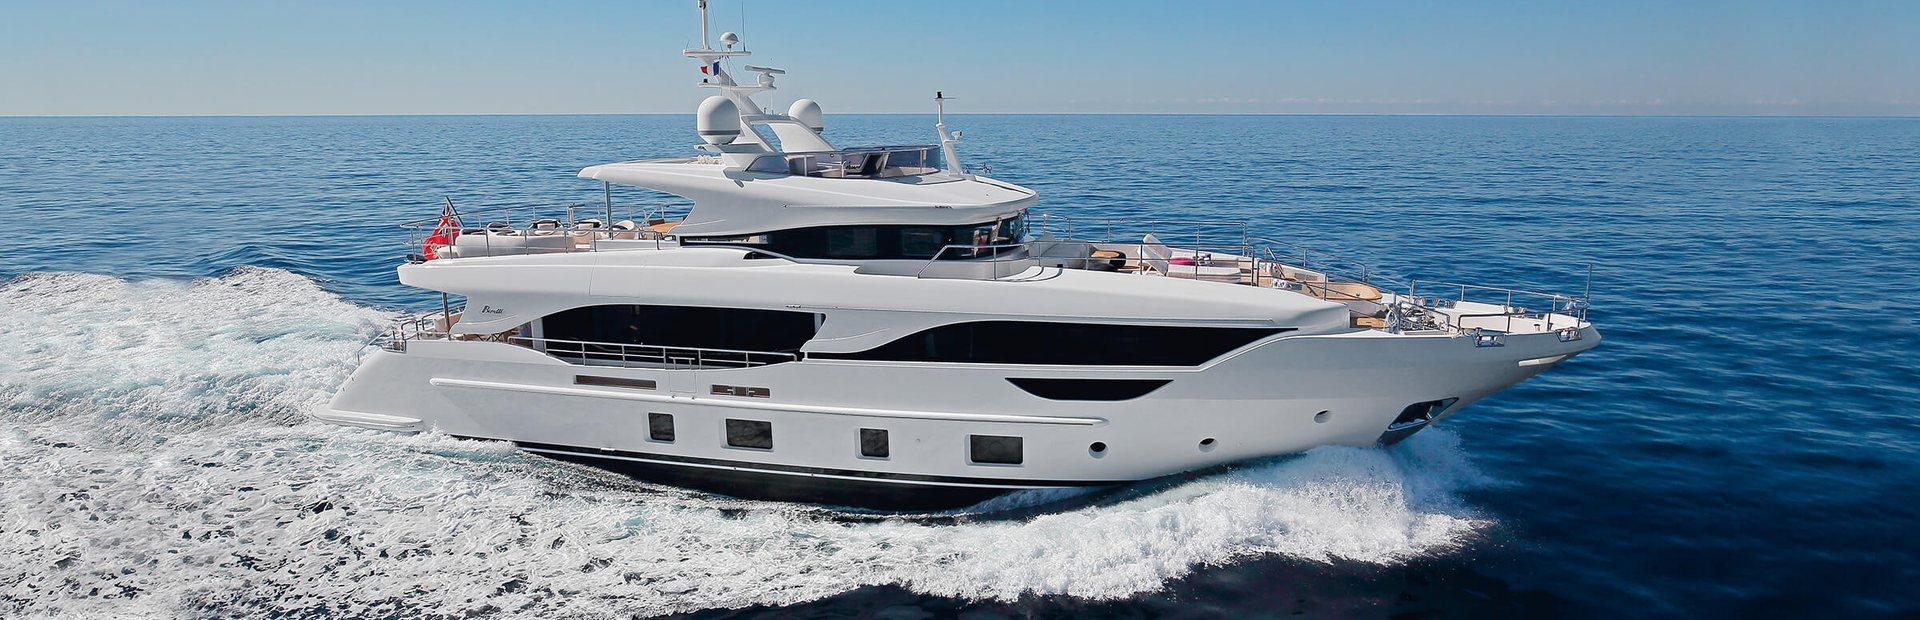 Delfino 95 Yacht Charter